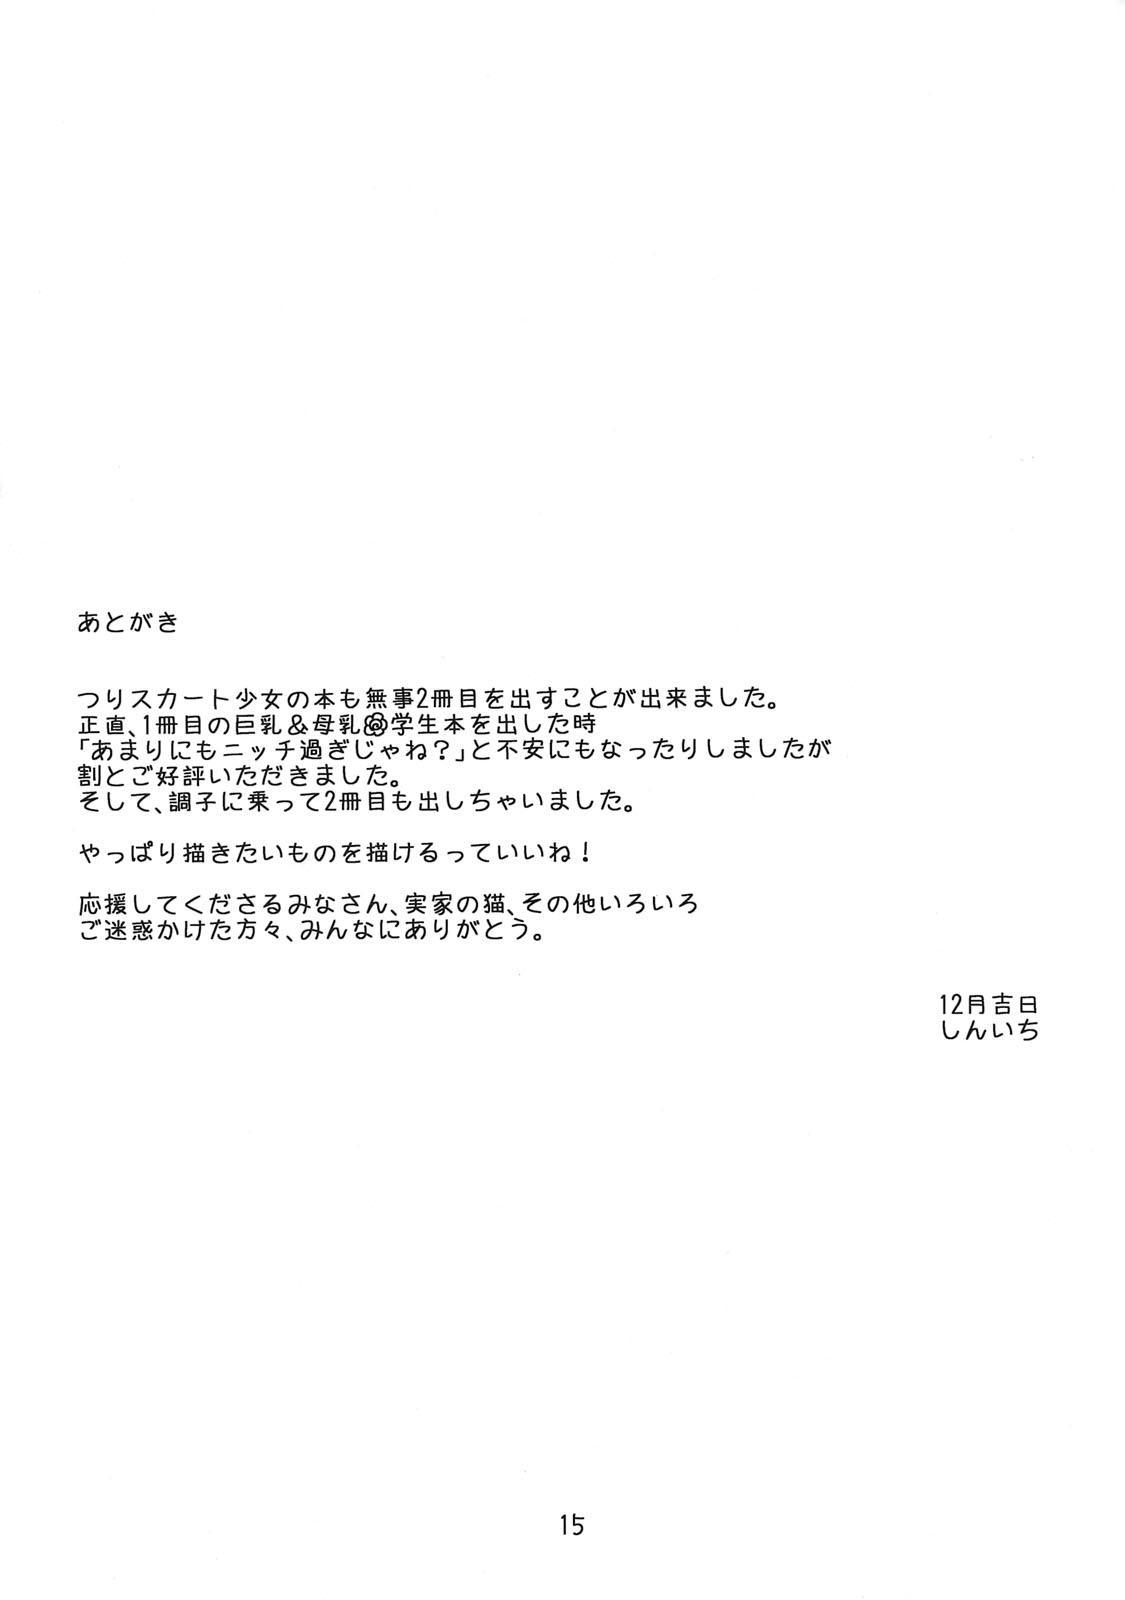 Tsuri Suka? 13